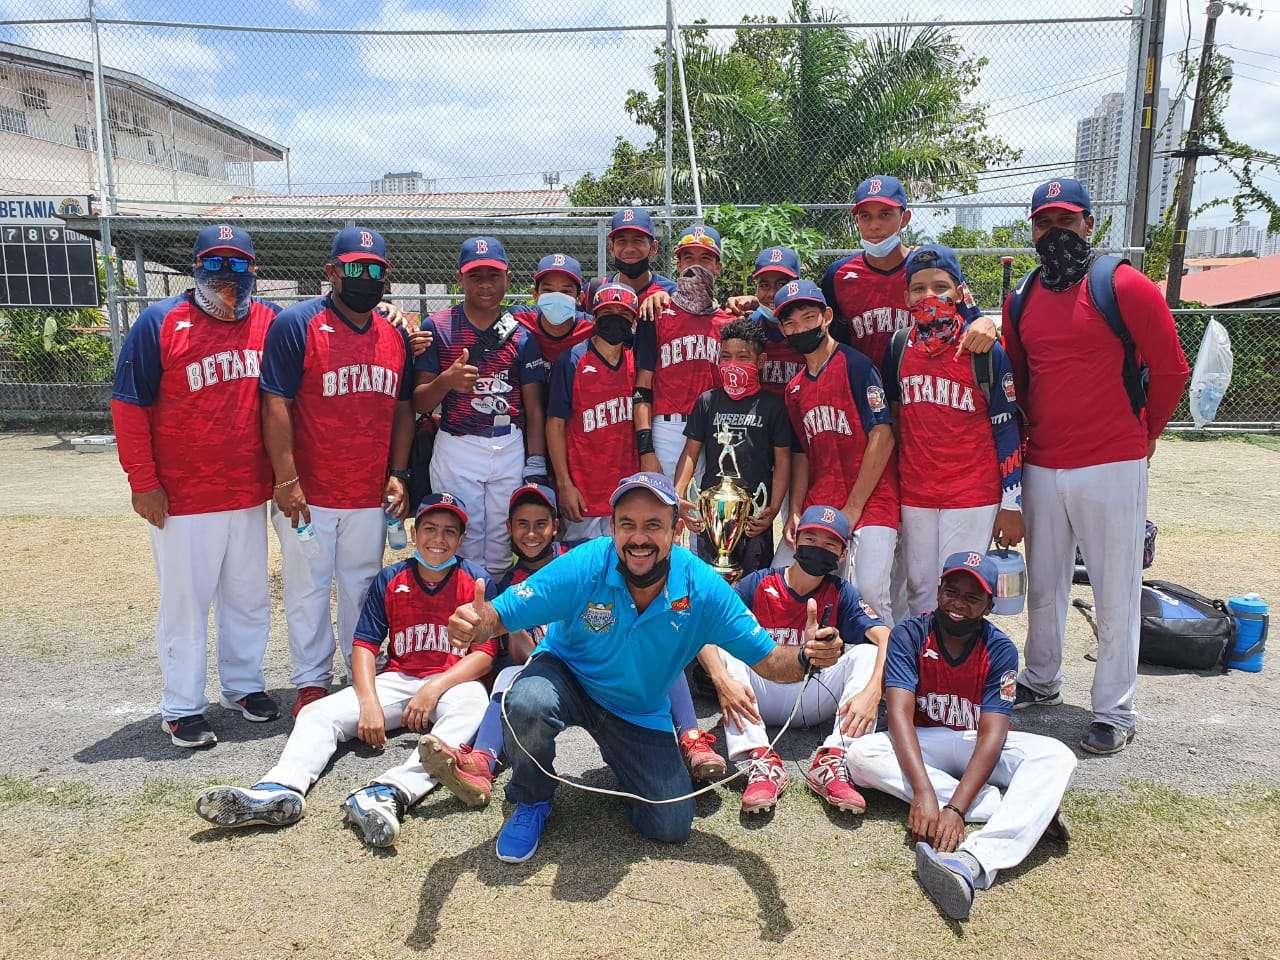 El equipo campeón de Betania. /Cortesía